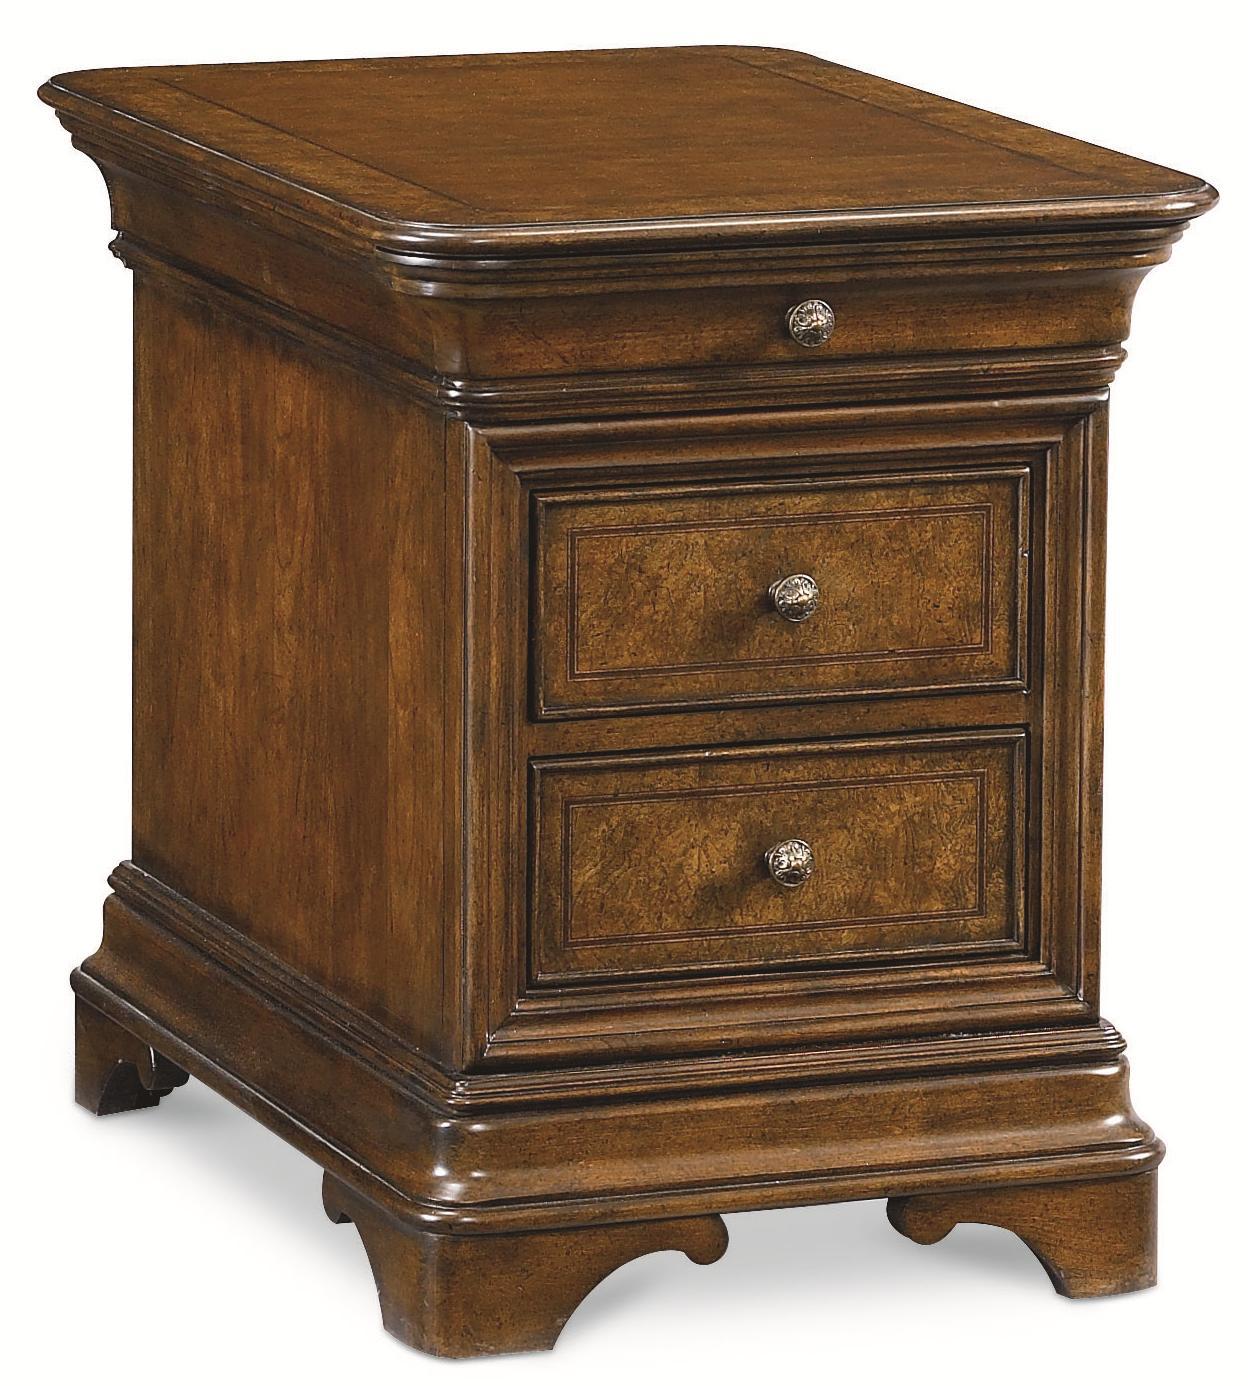 Thomasville® Deschanel Chairside Chest - Item Number: 46731-370